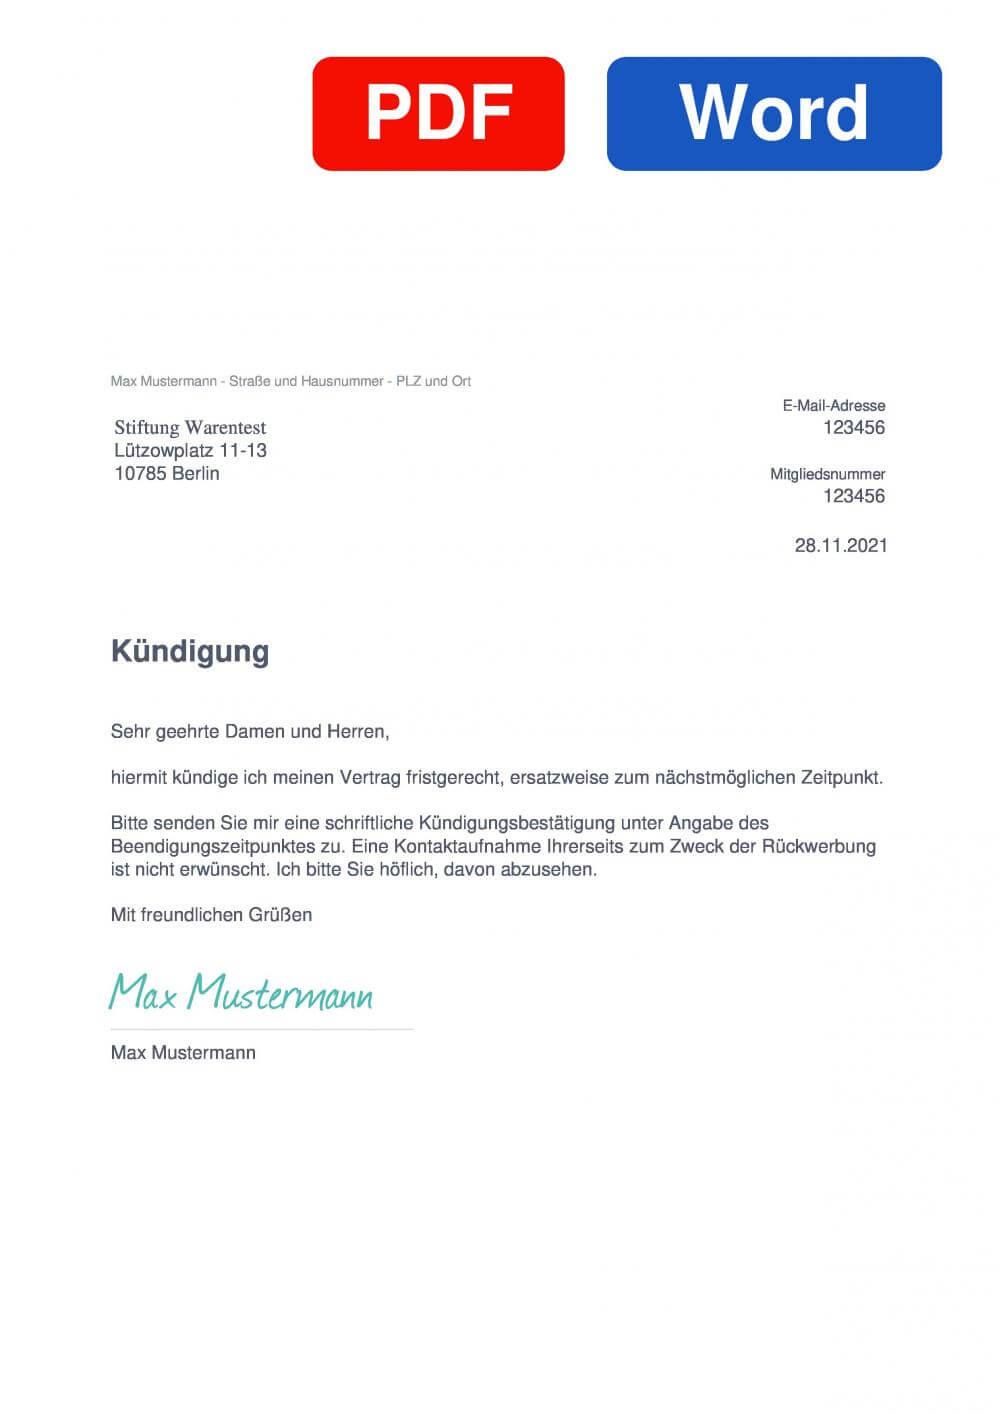 Stiftung Warentest Muster Vorlage für Kündigungsschreiben